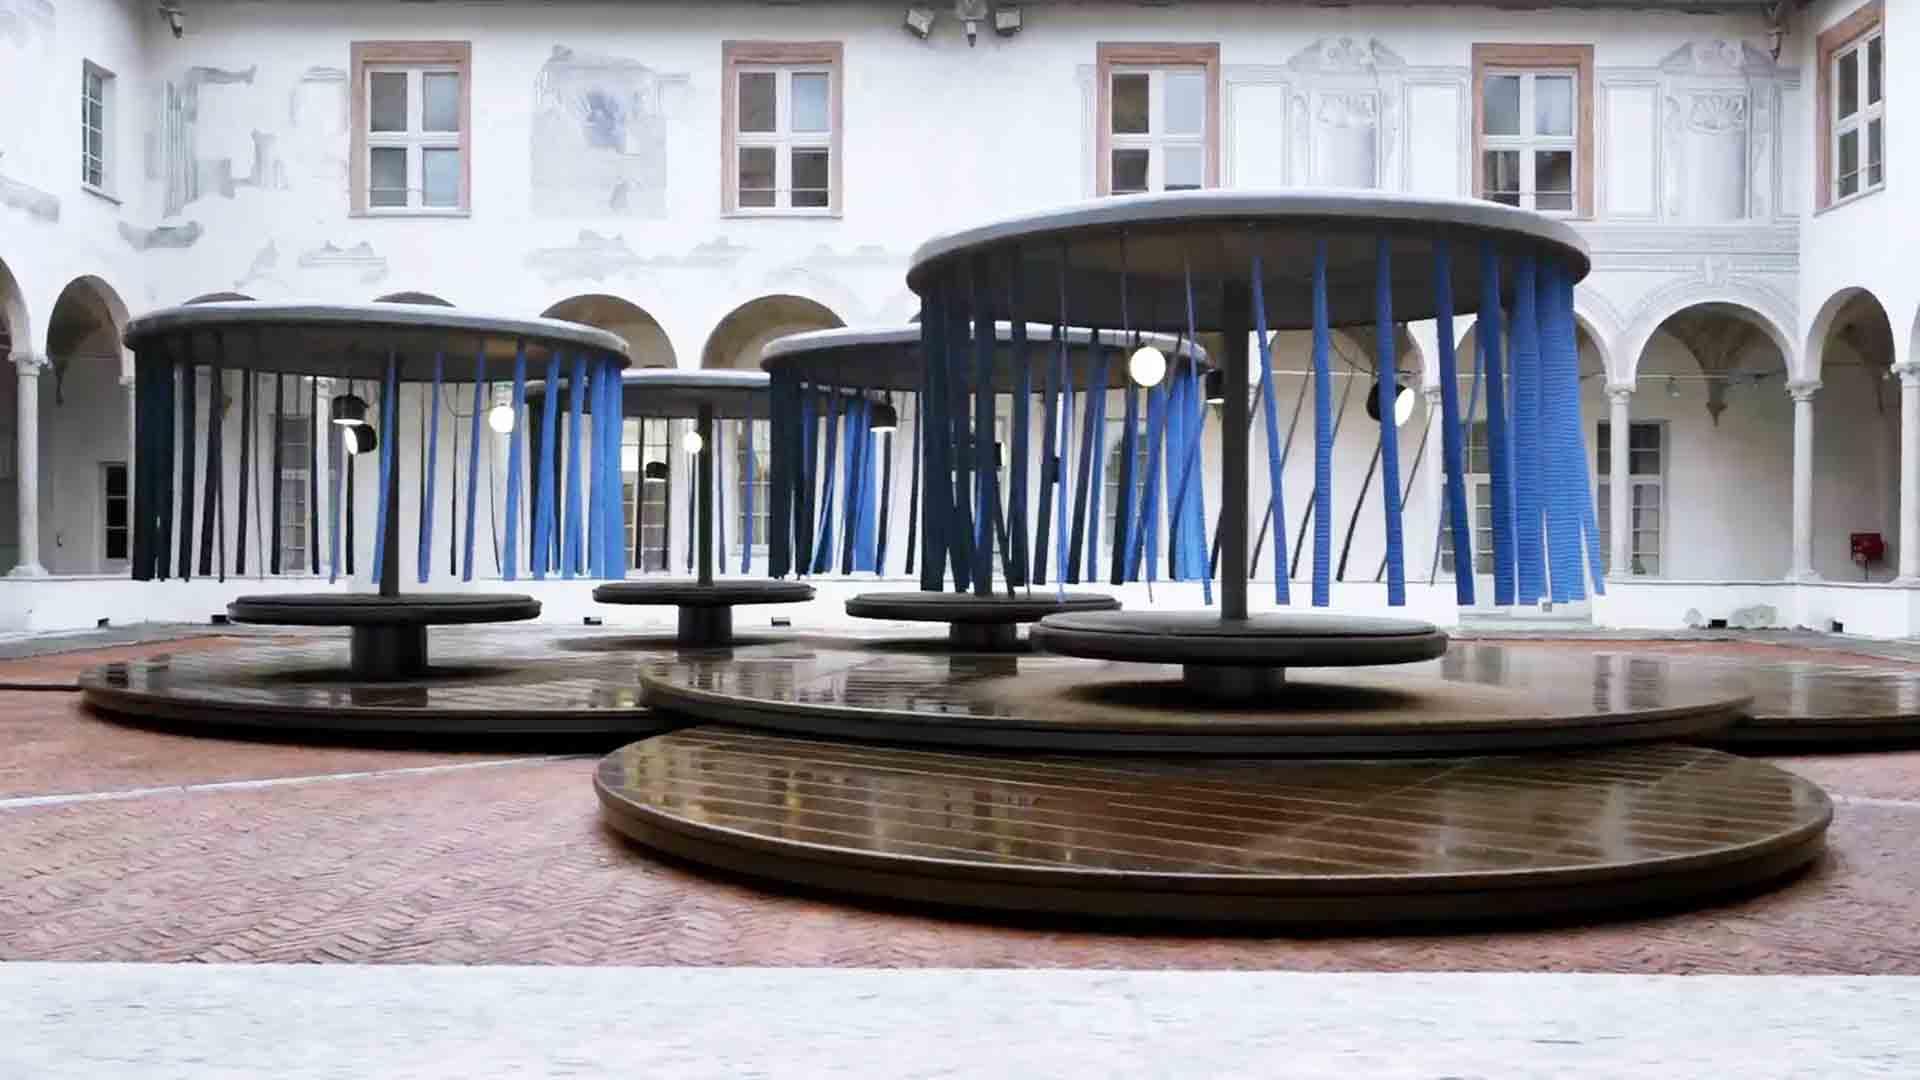 """Das Bild zeigt vier Gebilde. Sie erinnern an ein Karussell. Sie stehen auf runden Holzscheiben in einem Innenhof. Dieser Innenhof gehört zu einem großen, weißen Haus. Im Hintergrund sieht man die Fenster des Hauses. Auf der unteren Ebene sind Bögen in das Haus eingefügt. Von den Decken des Karussells hängen blaue Streifen. Das Bild dient als Sliderbild für den Portfolioeintrag """"BMW Quiet Motion"""" von Panda Pictures."""